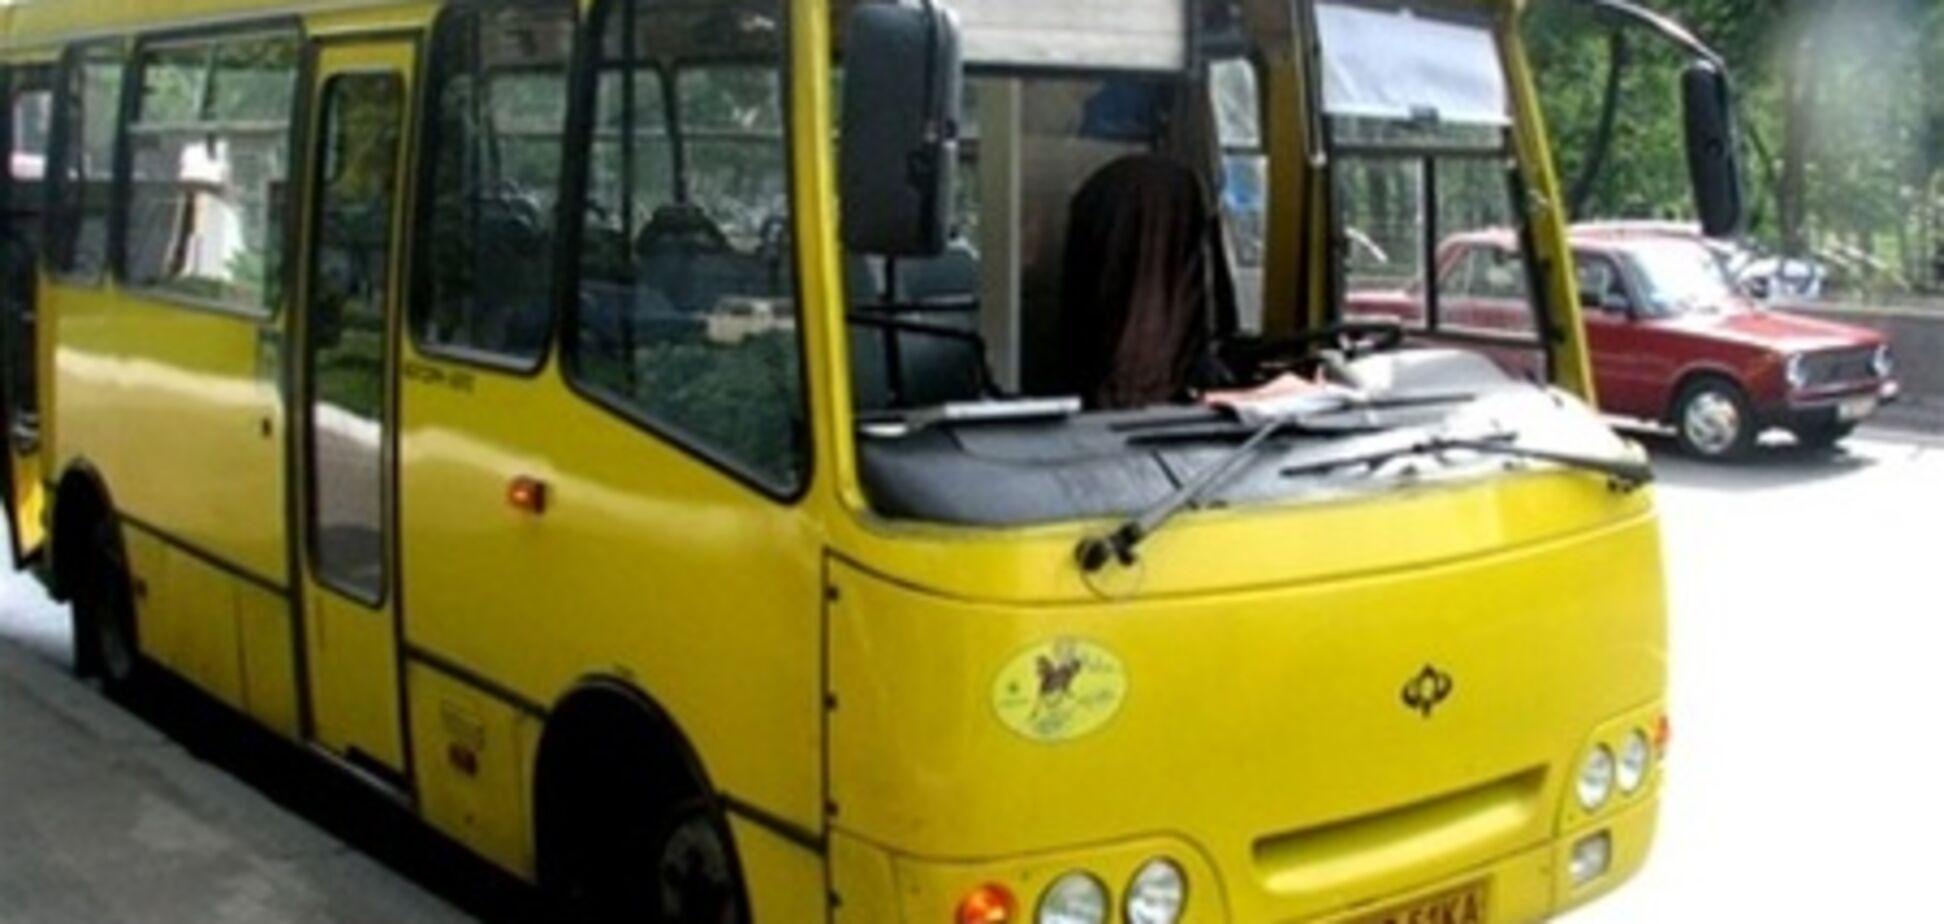 Знахабнілі водії маршруток не зважають на пасажирів